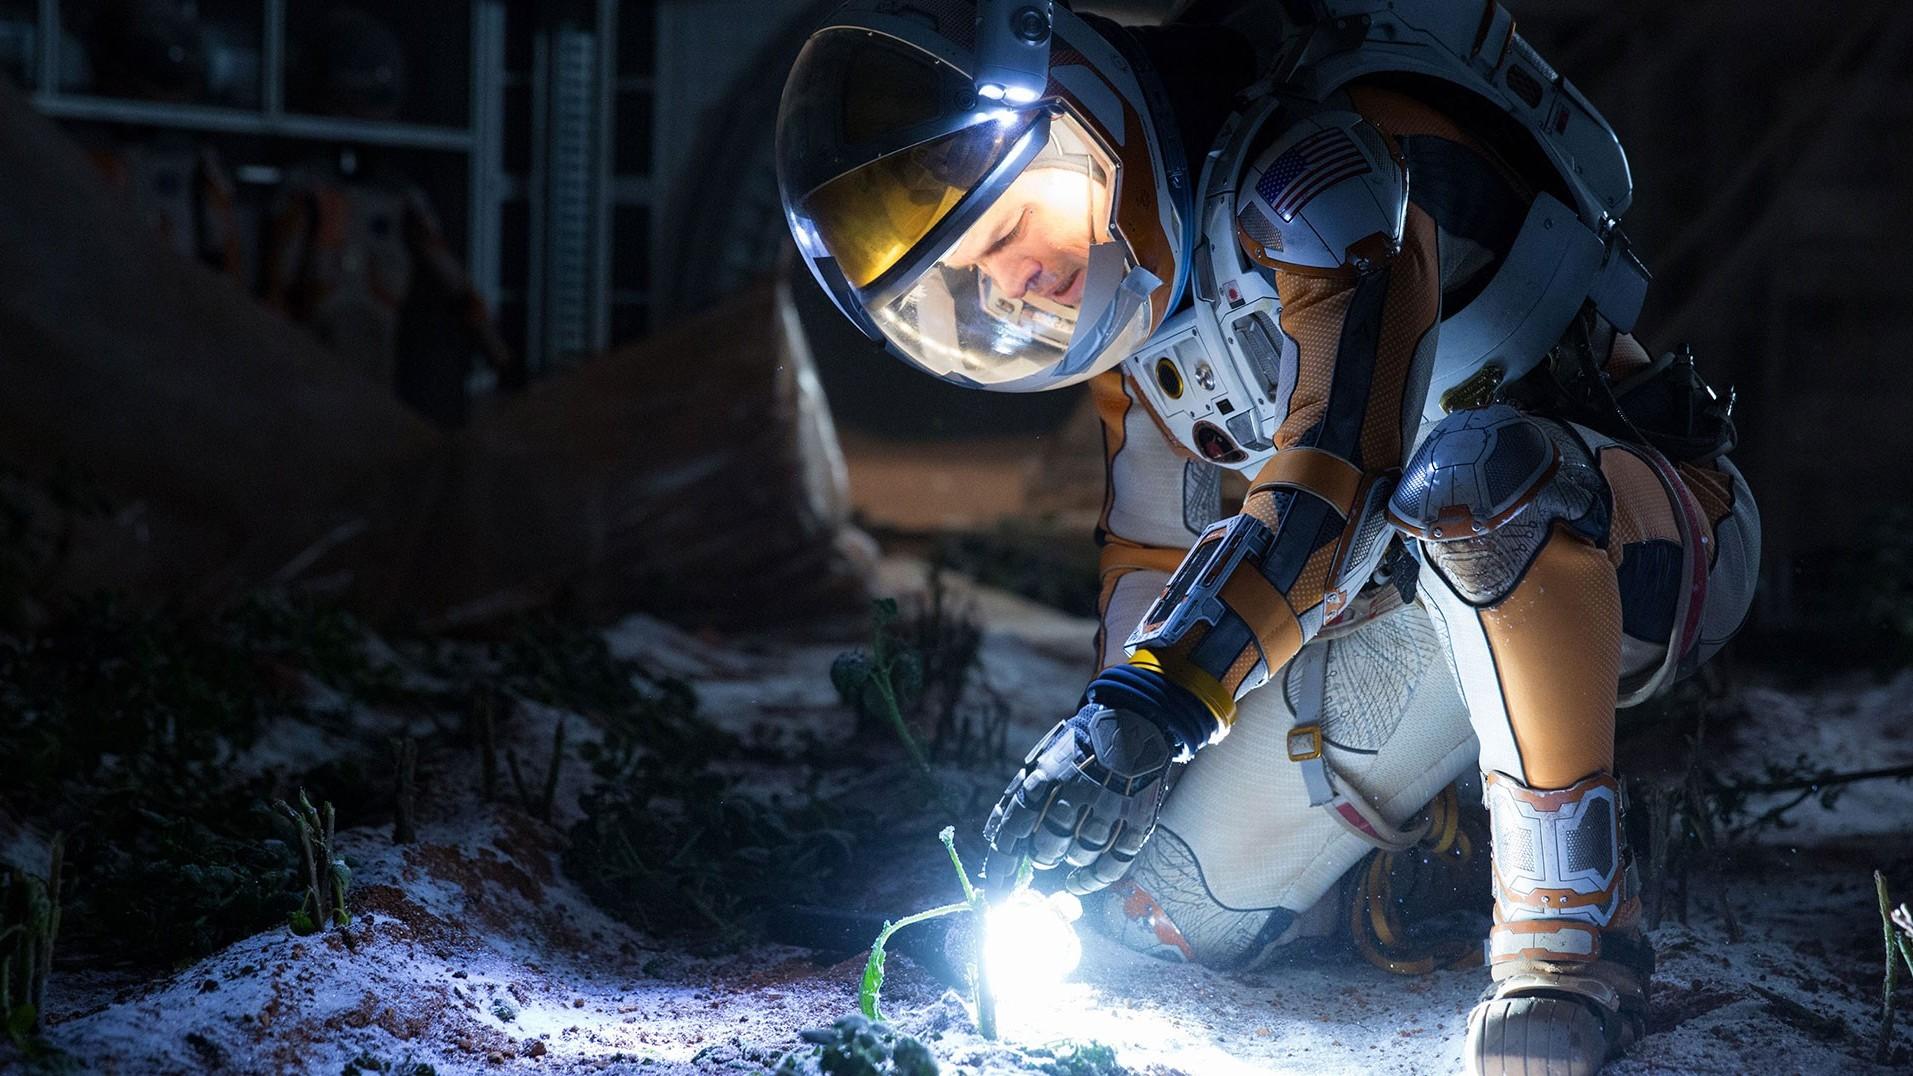 Flinke storm in eerste clip 'The Martian'